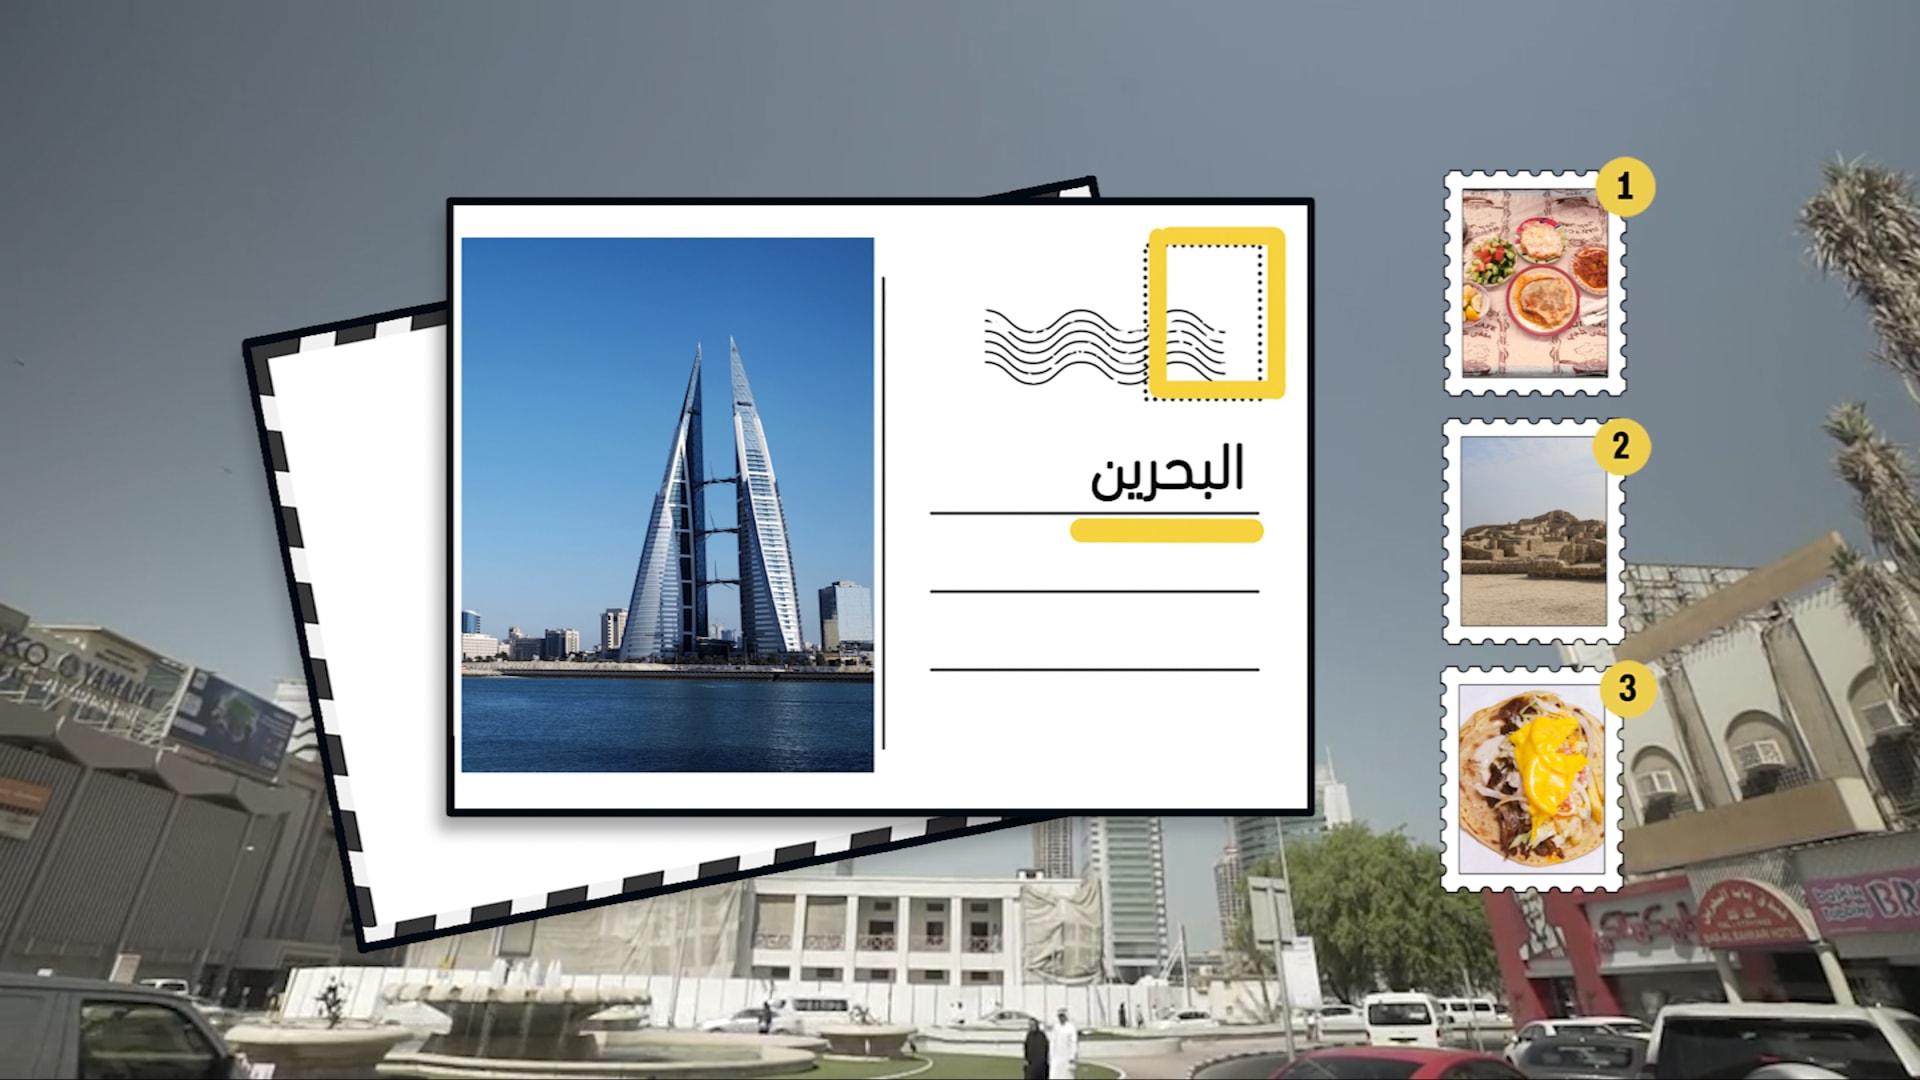 دليلك في البحرين.. إليك ما يمكن فعله بوجهة صغيرة ولكن غنية بتجارب مميزة